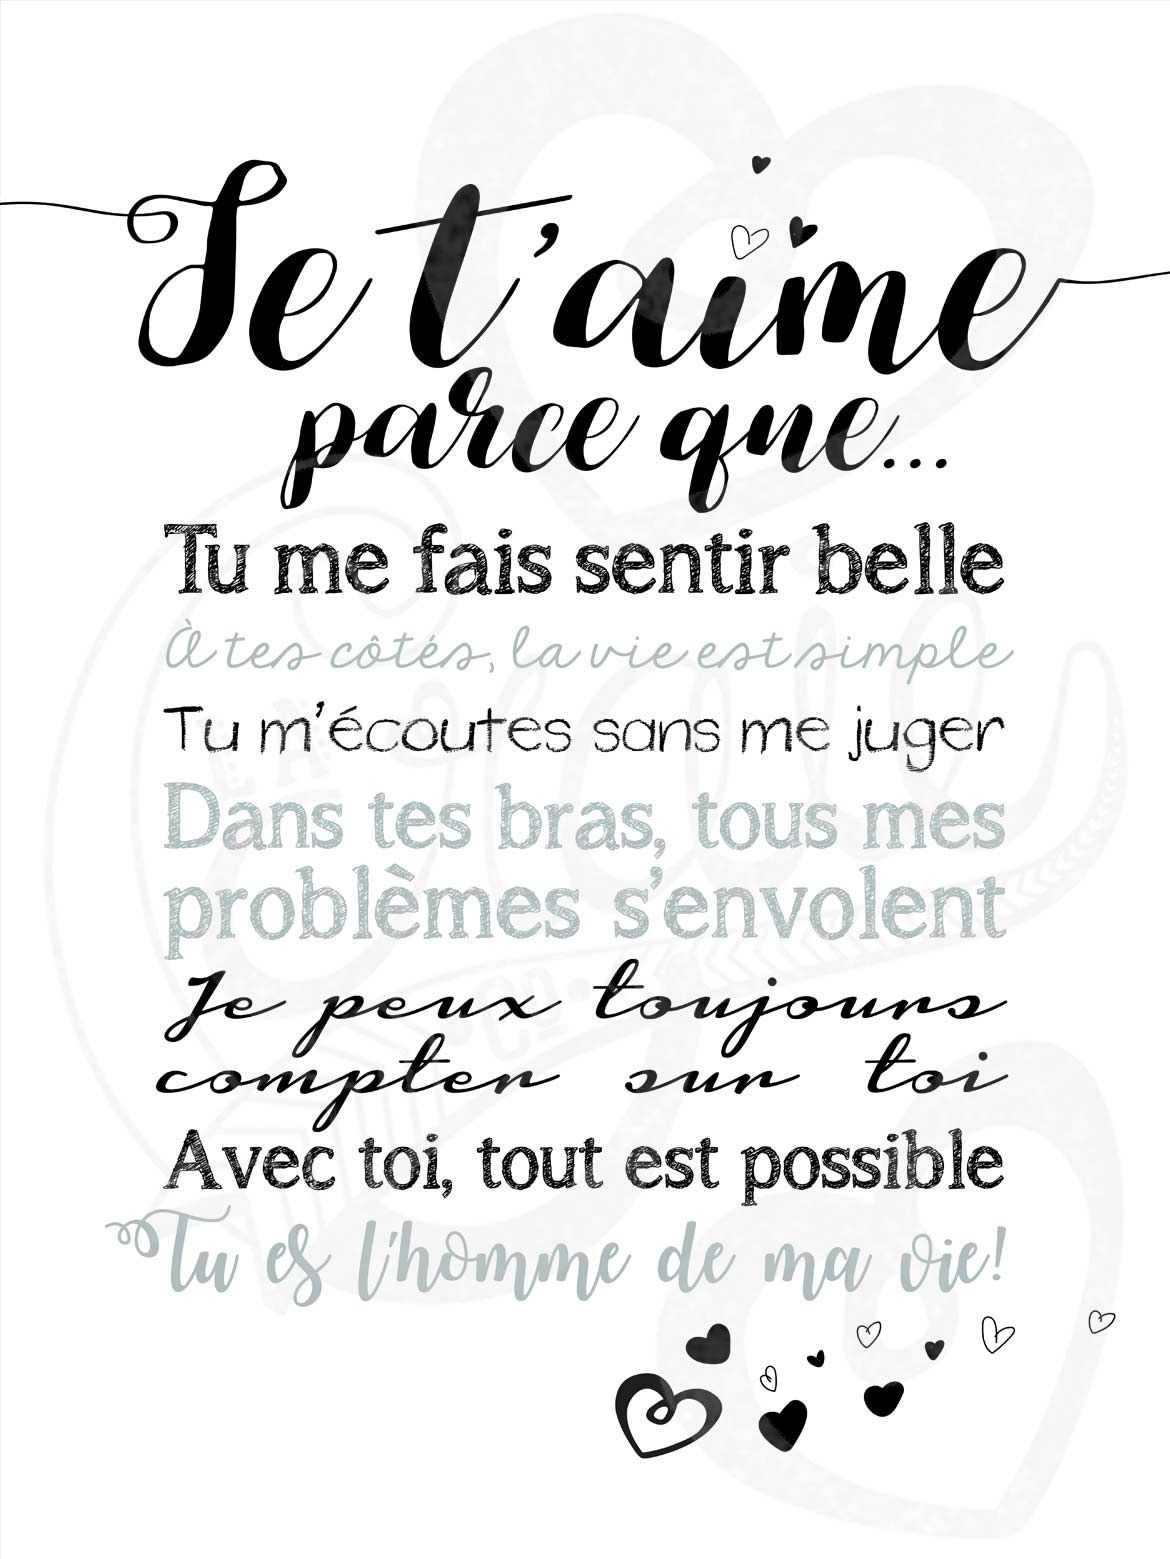 Phrase Pour Dire Je T Aime : phrase, Dites, Votre, Douce, Moitié, Combien, Compte, Grâce, Notre, Affiche, T'aime, Parce, Personnaliser., Quotes, Emotions,, Quotes,, French